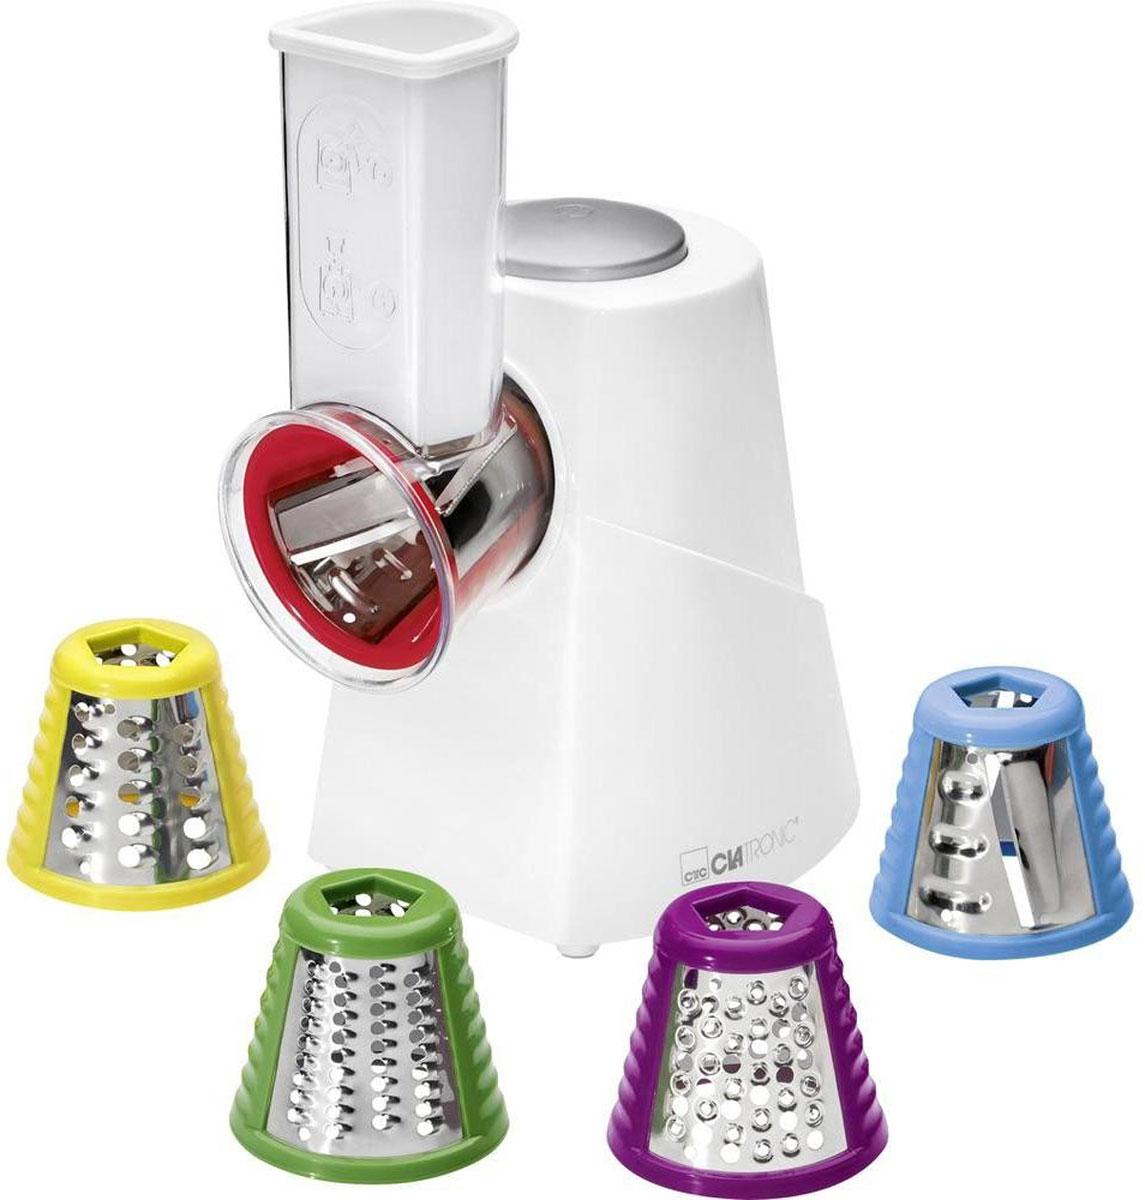 Clatronic ME 3604, White электрическая овощерезкаME 3604 weis 150WИзмельчитель электрический Clatronic ME 3604 - незаменимый помощник на кухне для хозяйки. Устройство предназначено для переработки различных продуктов. Компактные габариты прибора позволяют хранить его в ящике кухонного стола или на полке шкафа. Удобная ручка позволяет сделать использование прибора еще более комфортным. В комплекте с электрическим измельчителем Clatronic ME 3604 идут четыре насадки-терки. Сменные насадки легко снимаются и моются. Модель изготовлена из прочного пластика, обеспечивающего прочность и долгосрочность устройства.